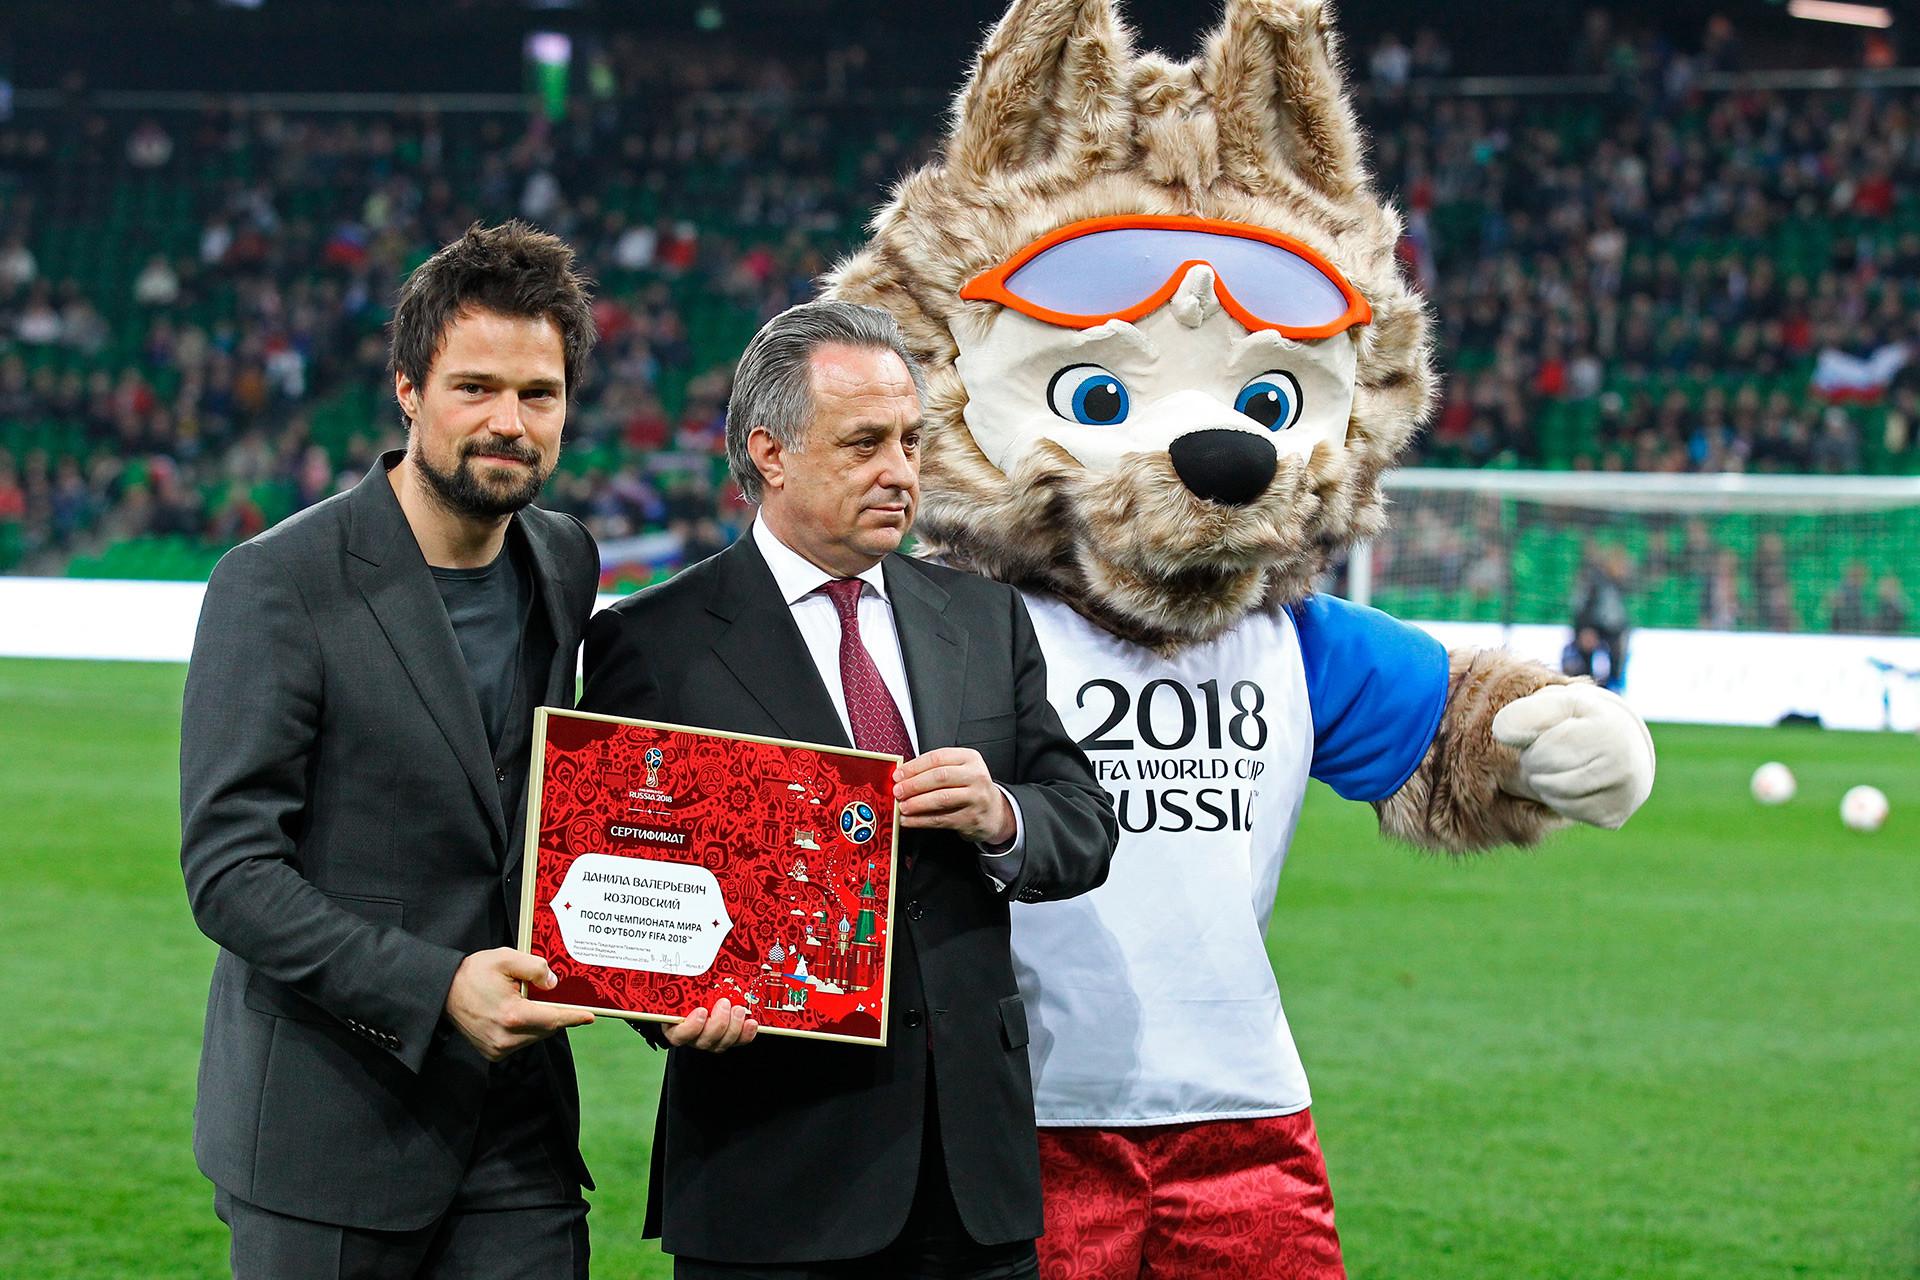 Schauspieler Danila Koslowsij (l.), der Präsident des Russischen Fußballbundes Witalij Mutko (M.) und das Maskottchen Sabiwaka der FIFA-WM 2018 (r.)